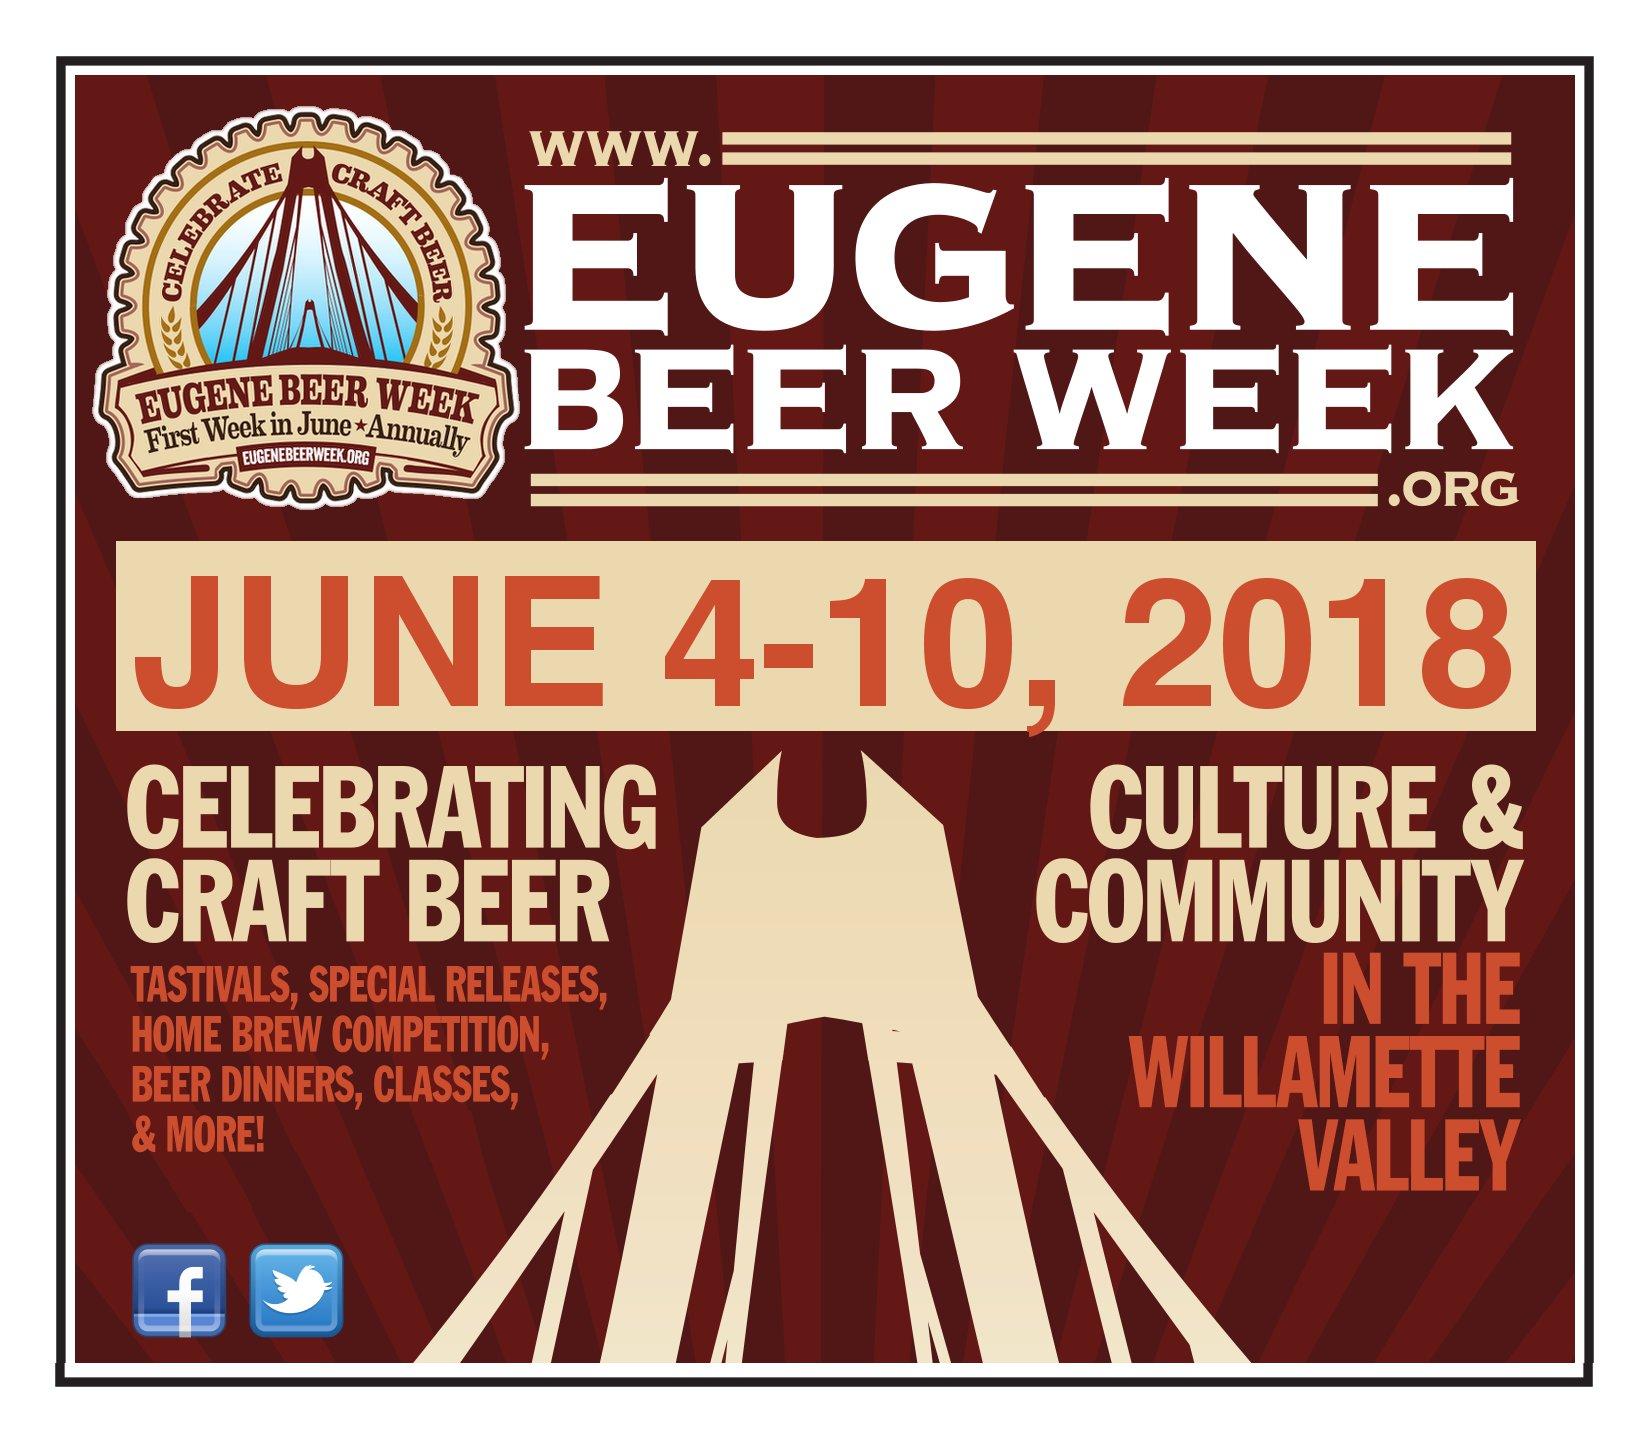 8th Annual Eugene Beer Week – June 4-10, 2018